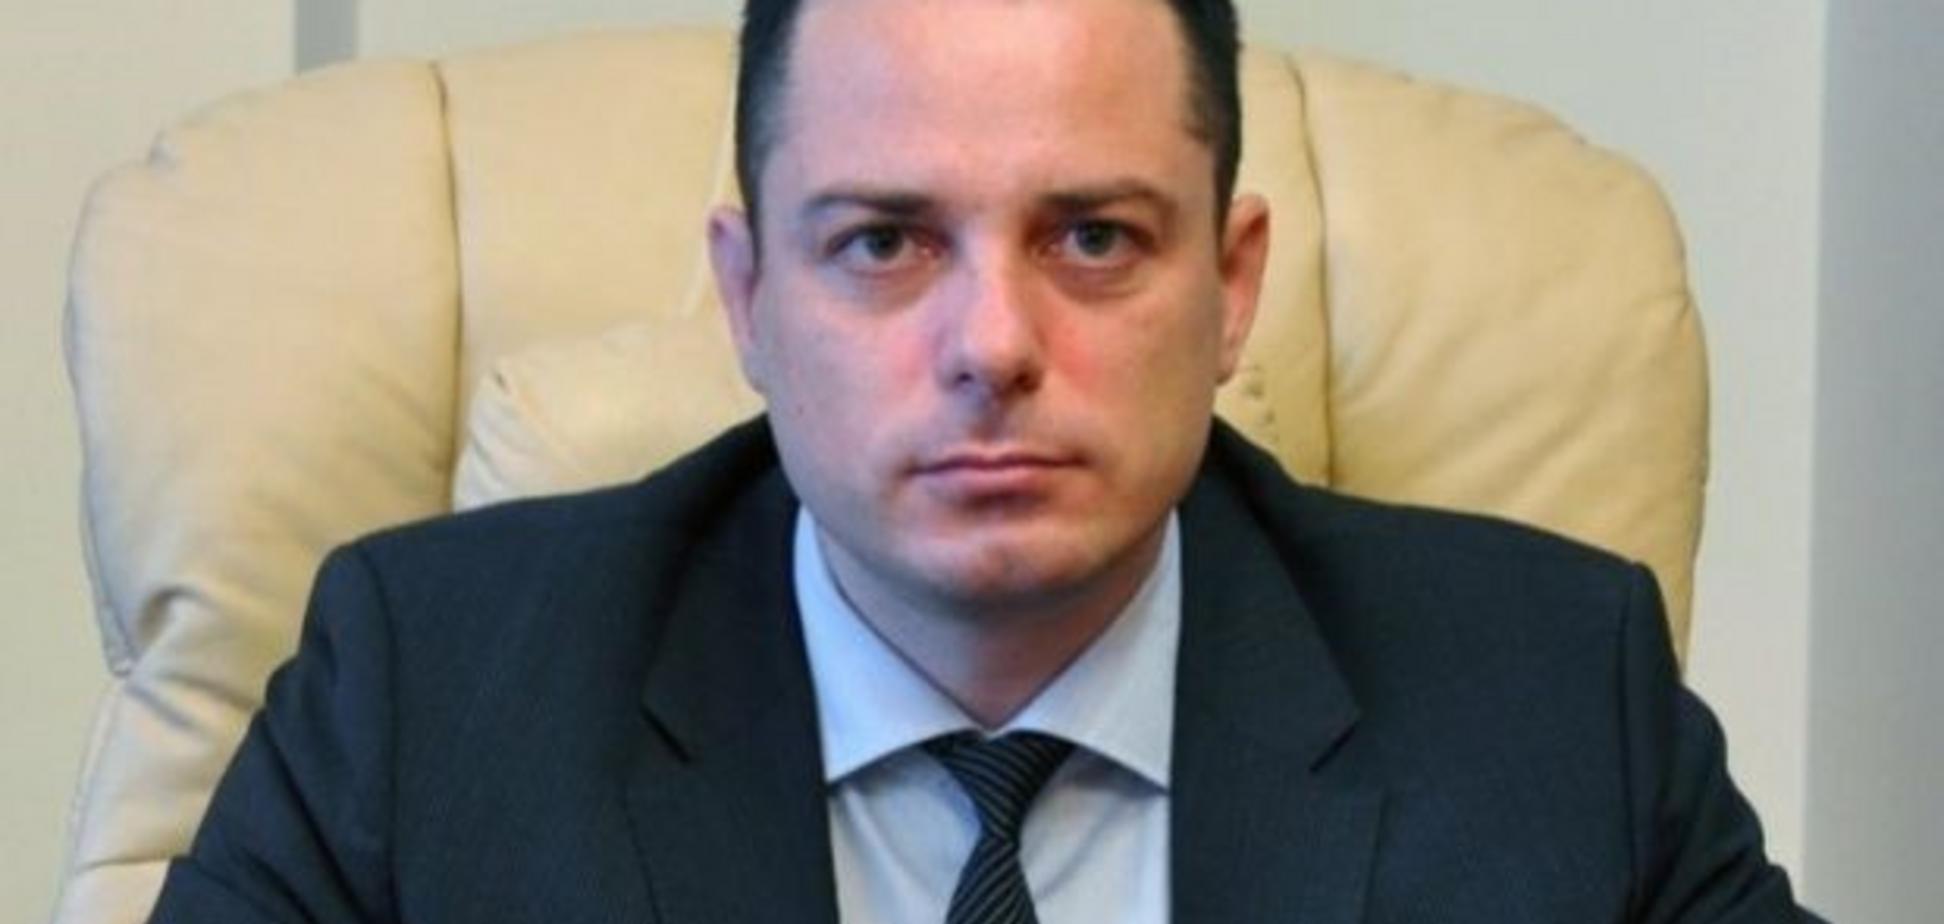 Мер Кам'янського ігнорує рішення судів щодо незаконного сміттєзвалища – ЗМІ